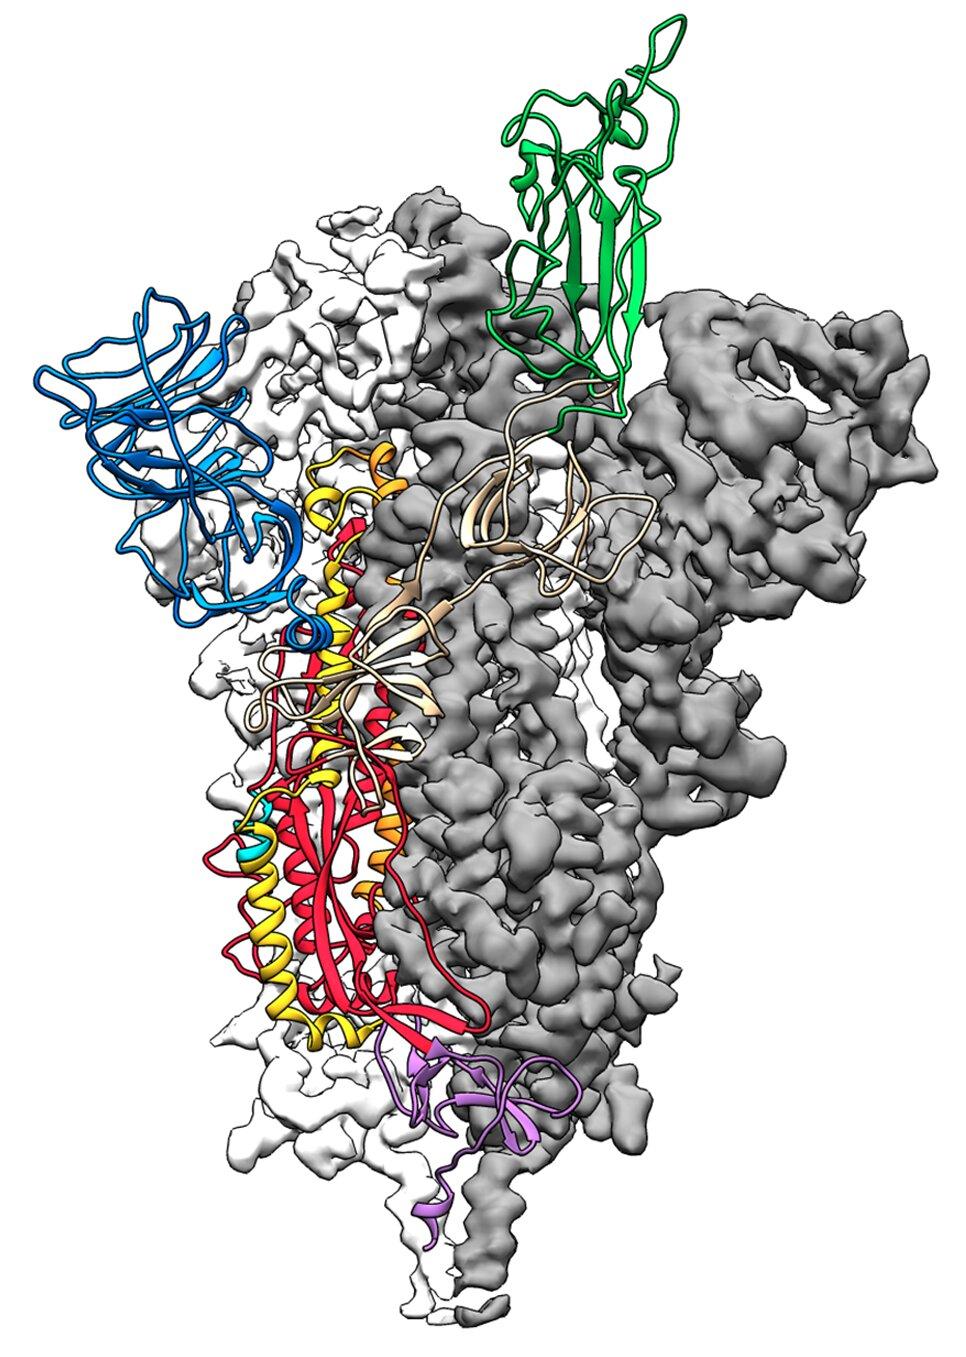 Durchbruch in der coronavirus Forschungsergebnissen in neue Karte zur Unterstützung der Impfstoff-design